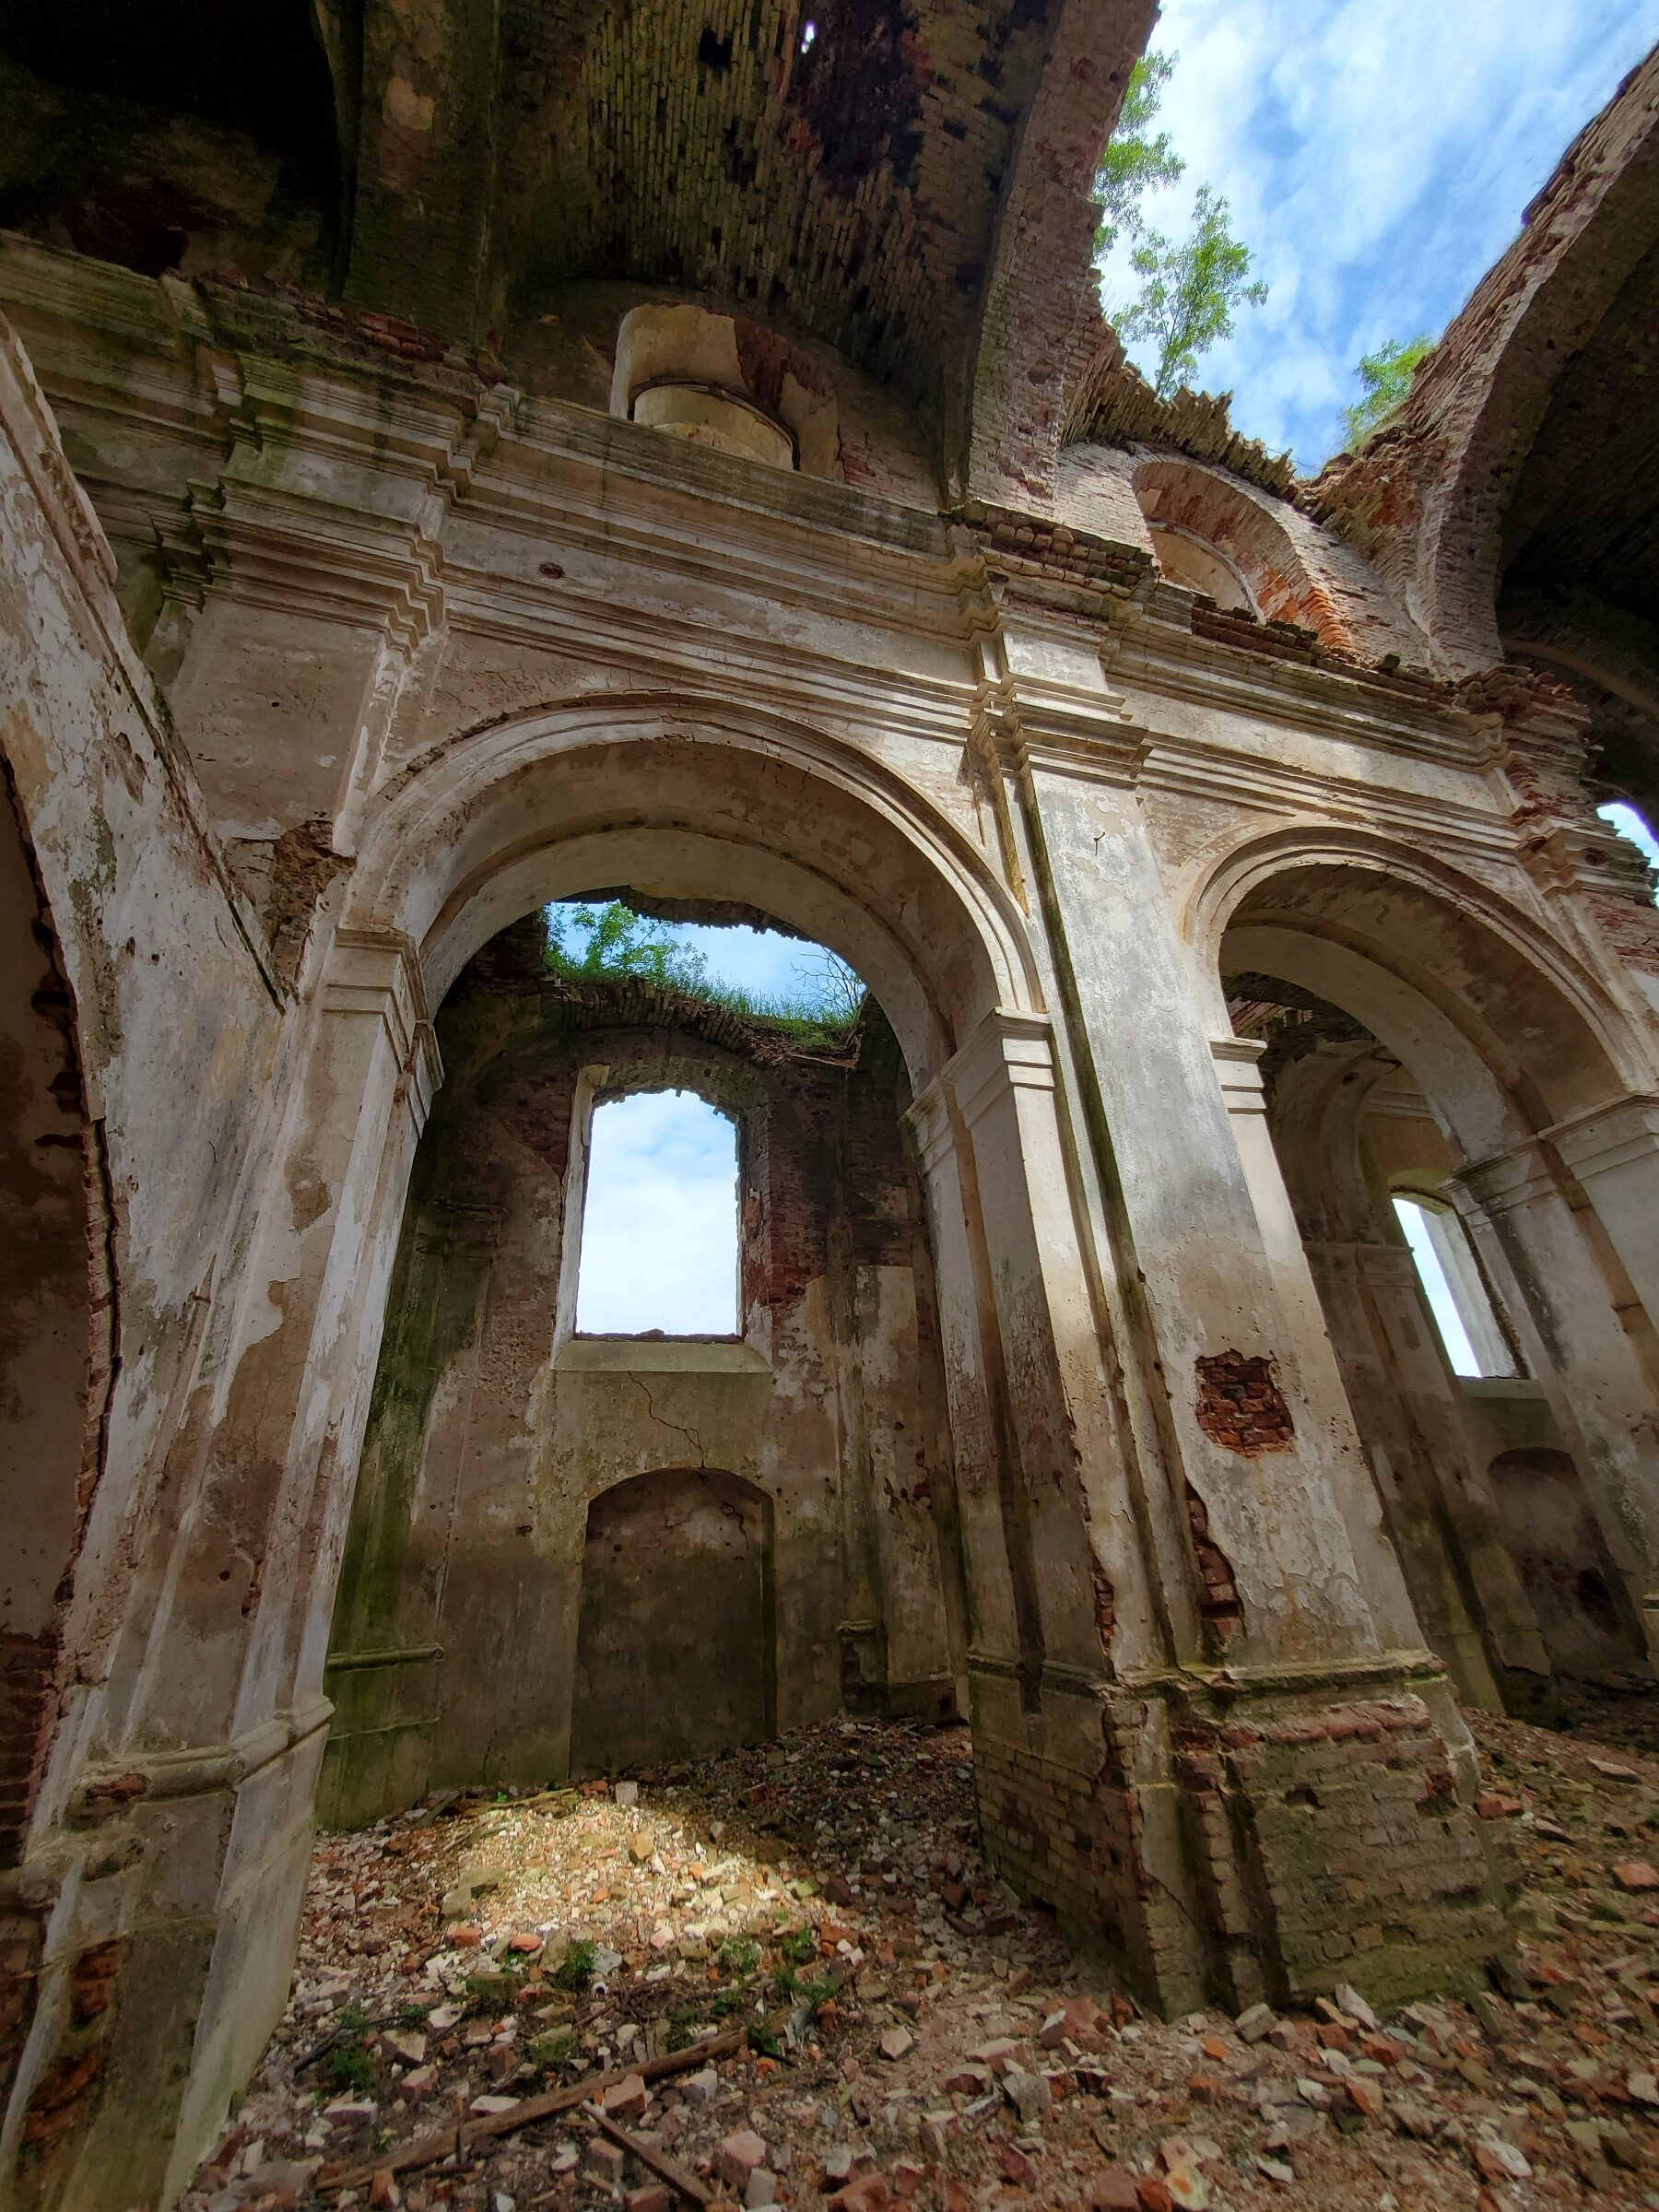 20200705 132514 rotated - Памятники архитектуры в Селище